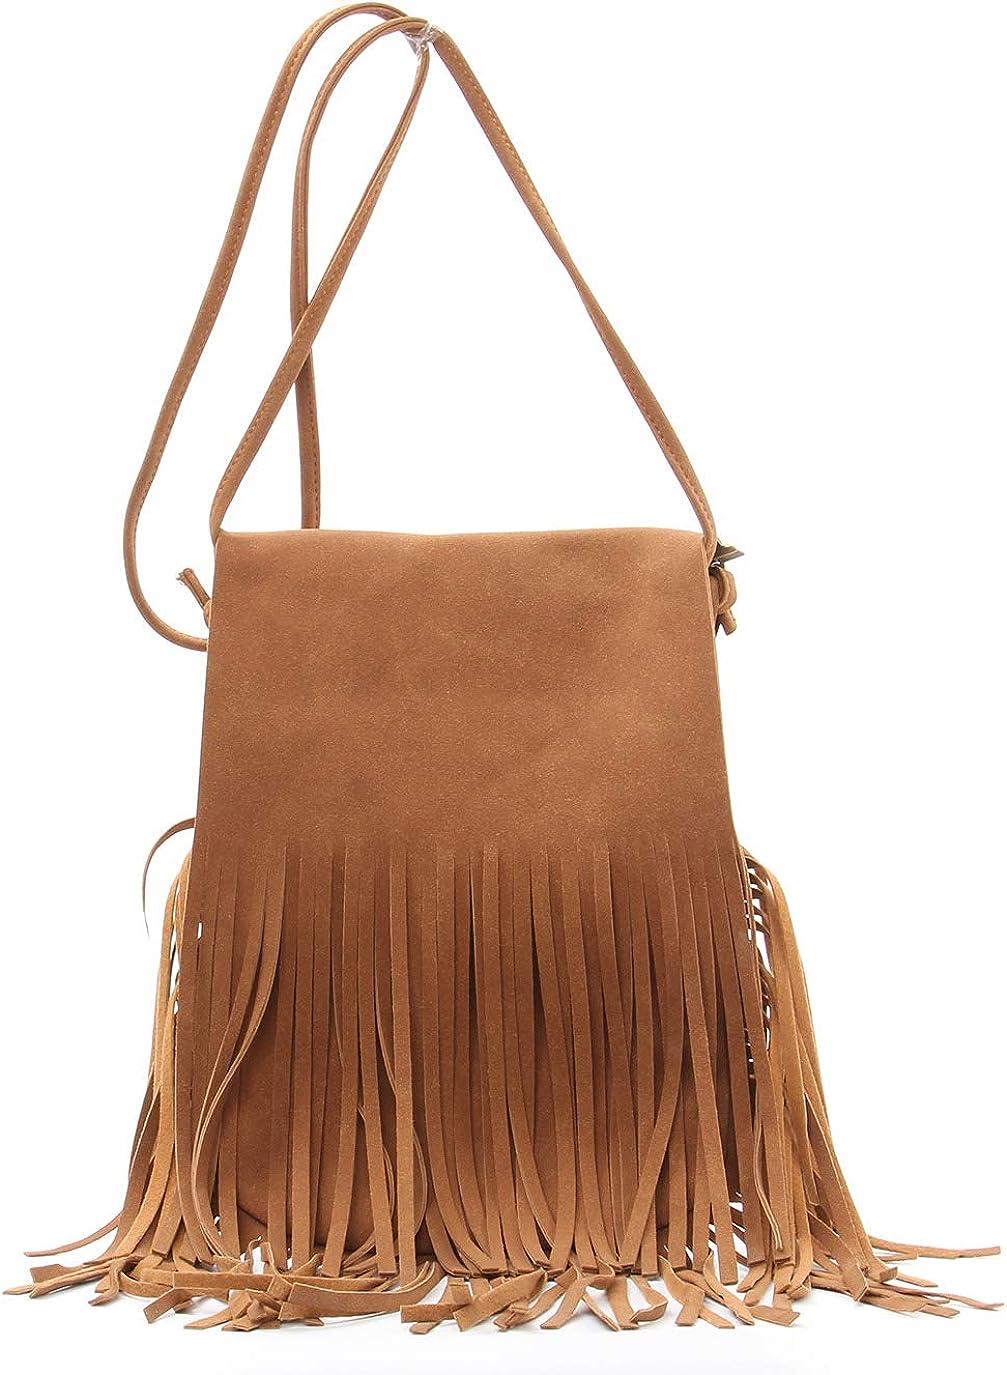 Fringe Tassel Crossbody Bag - Women's Handbag PU Leather Hobo Shoulder Bag Fringe Tote purse Messenger Bag